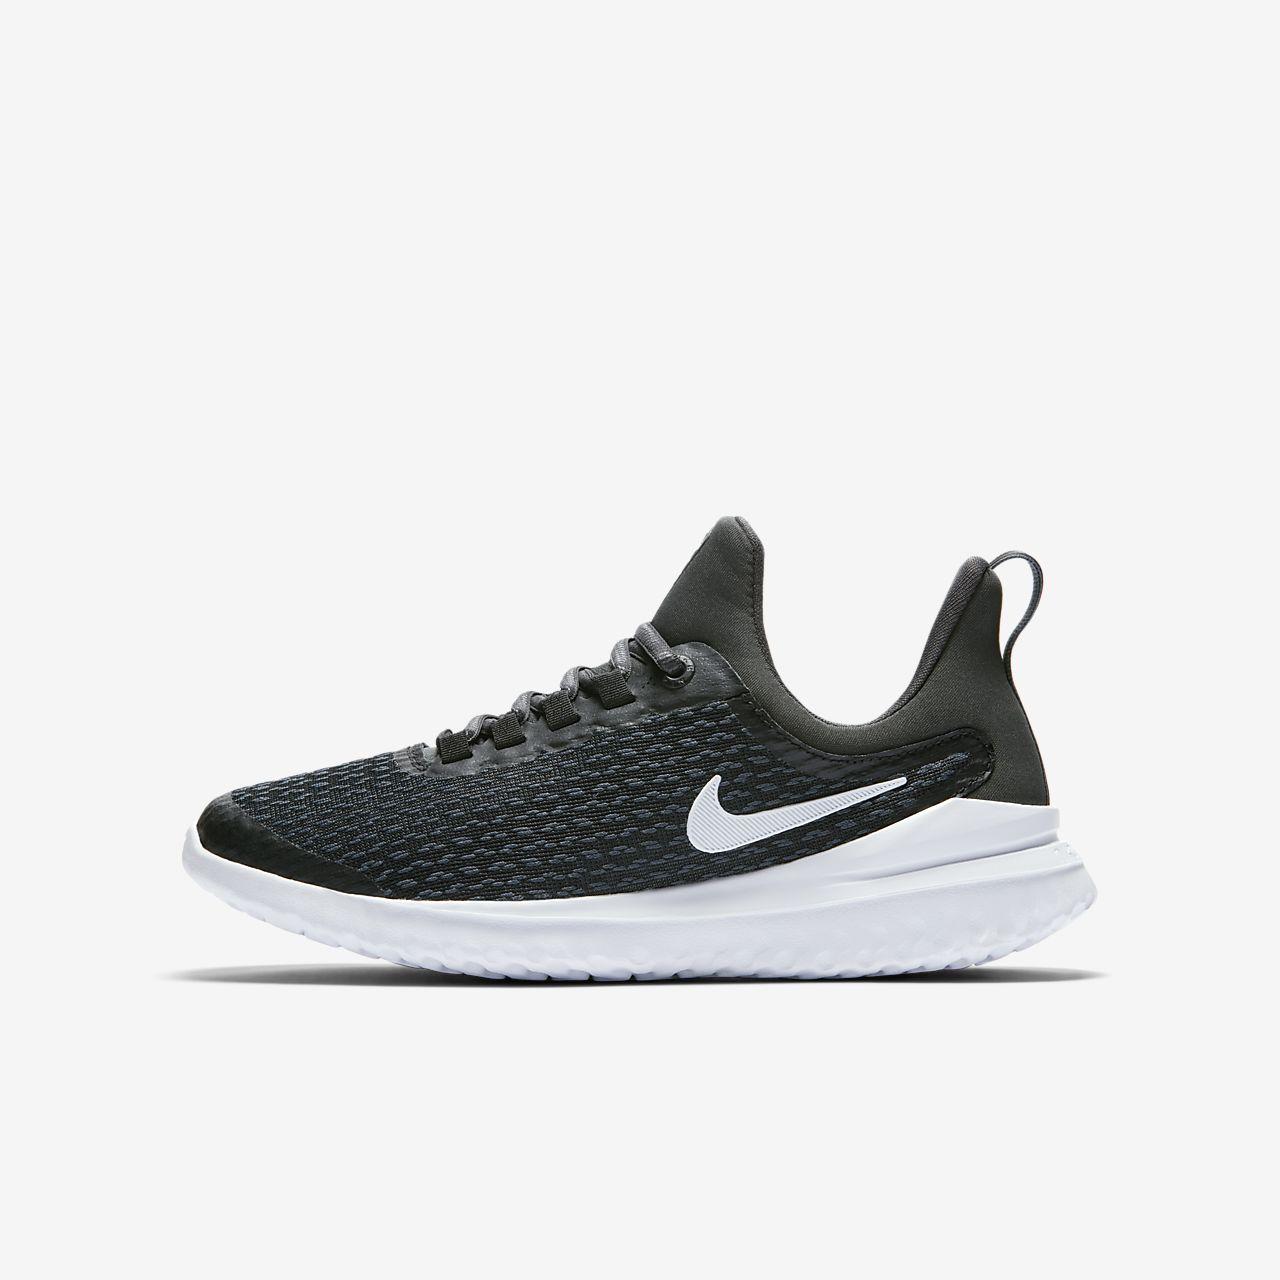 on sale 4f51e 1dd23 Nike Renew Rival Zapatillas de running - Niño/a. Nike.com ES